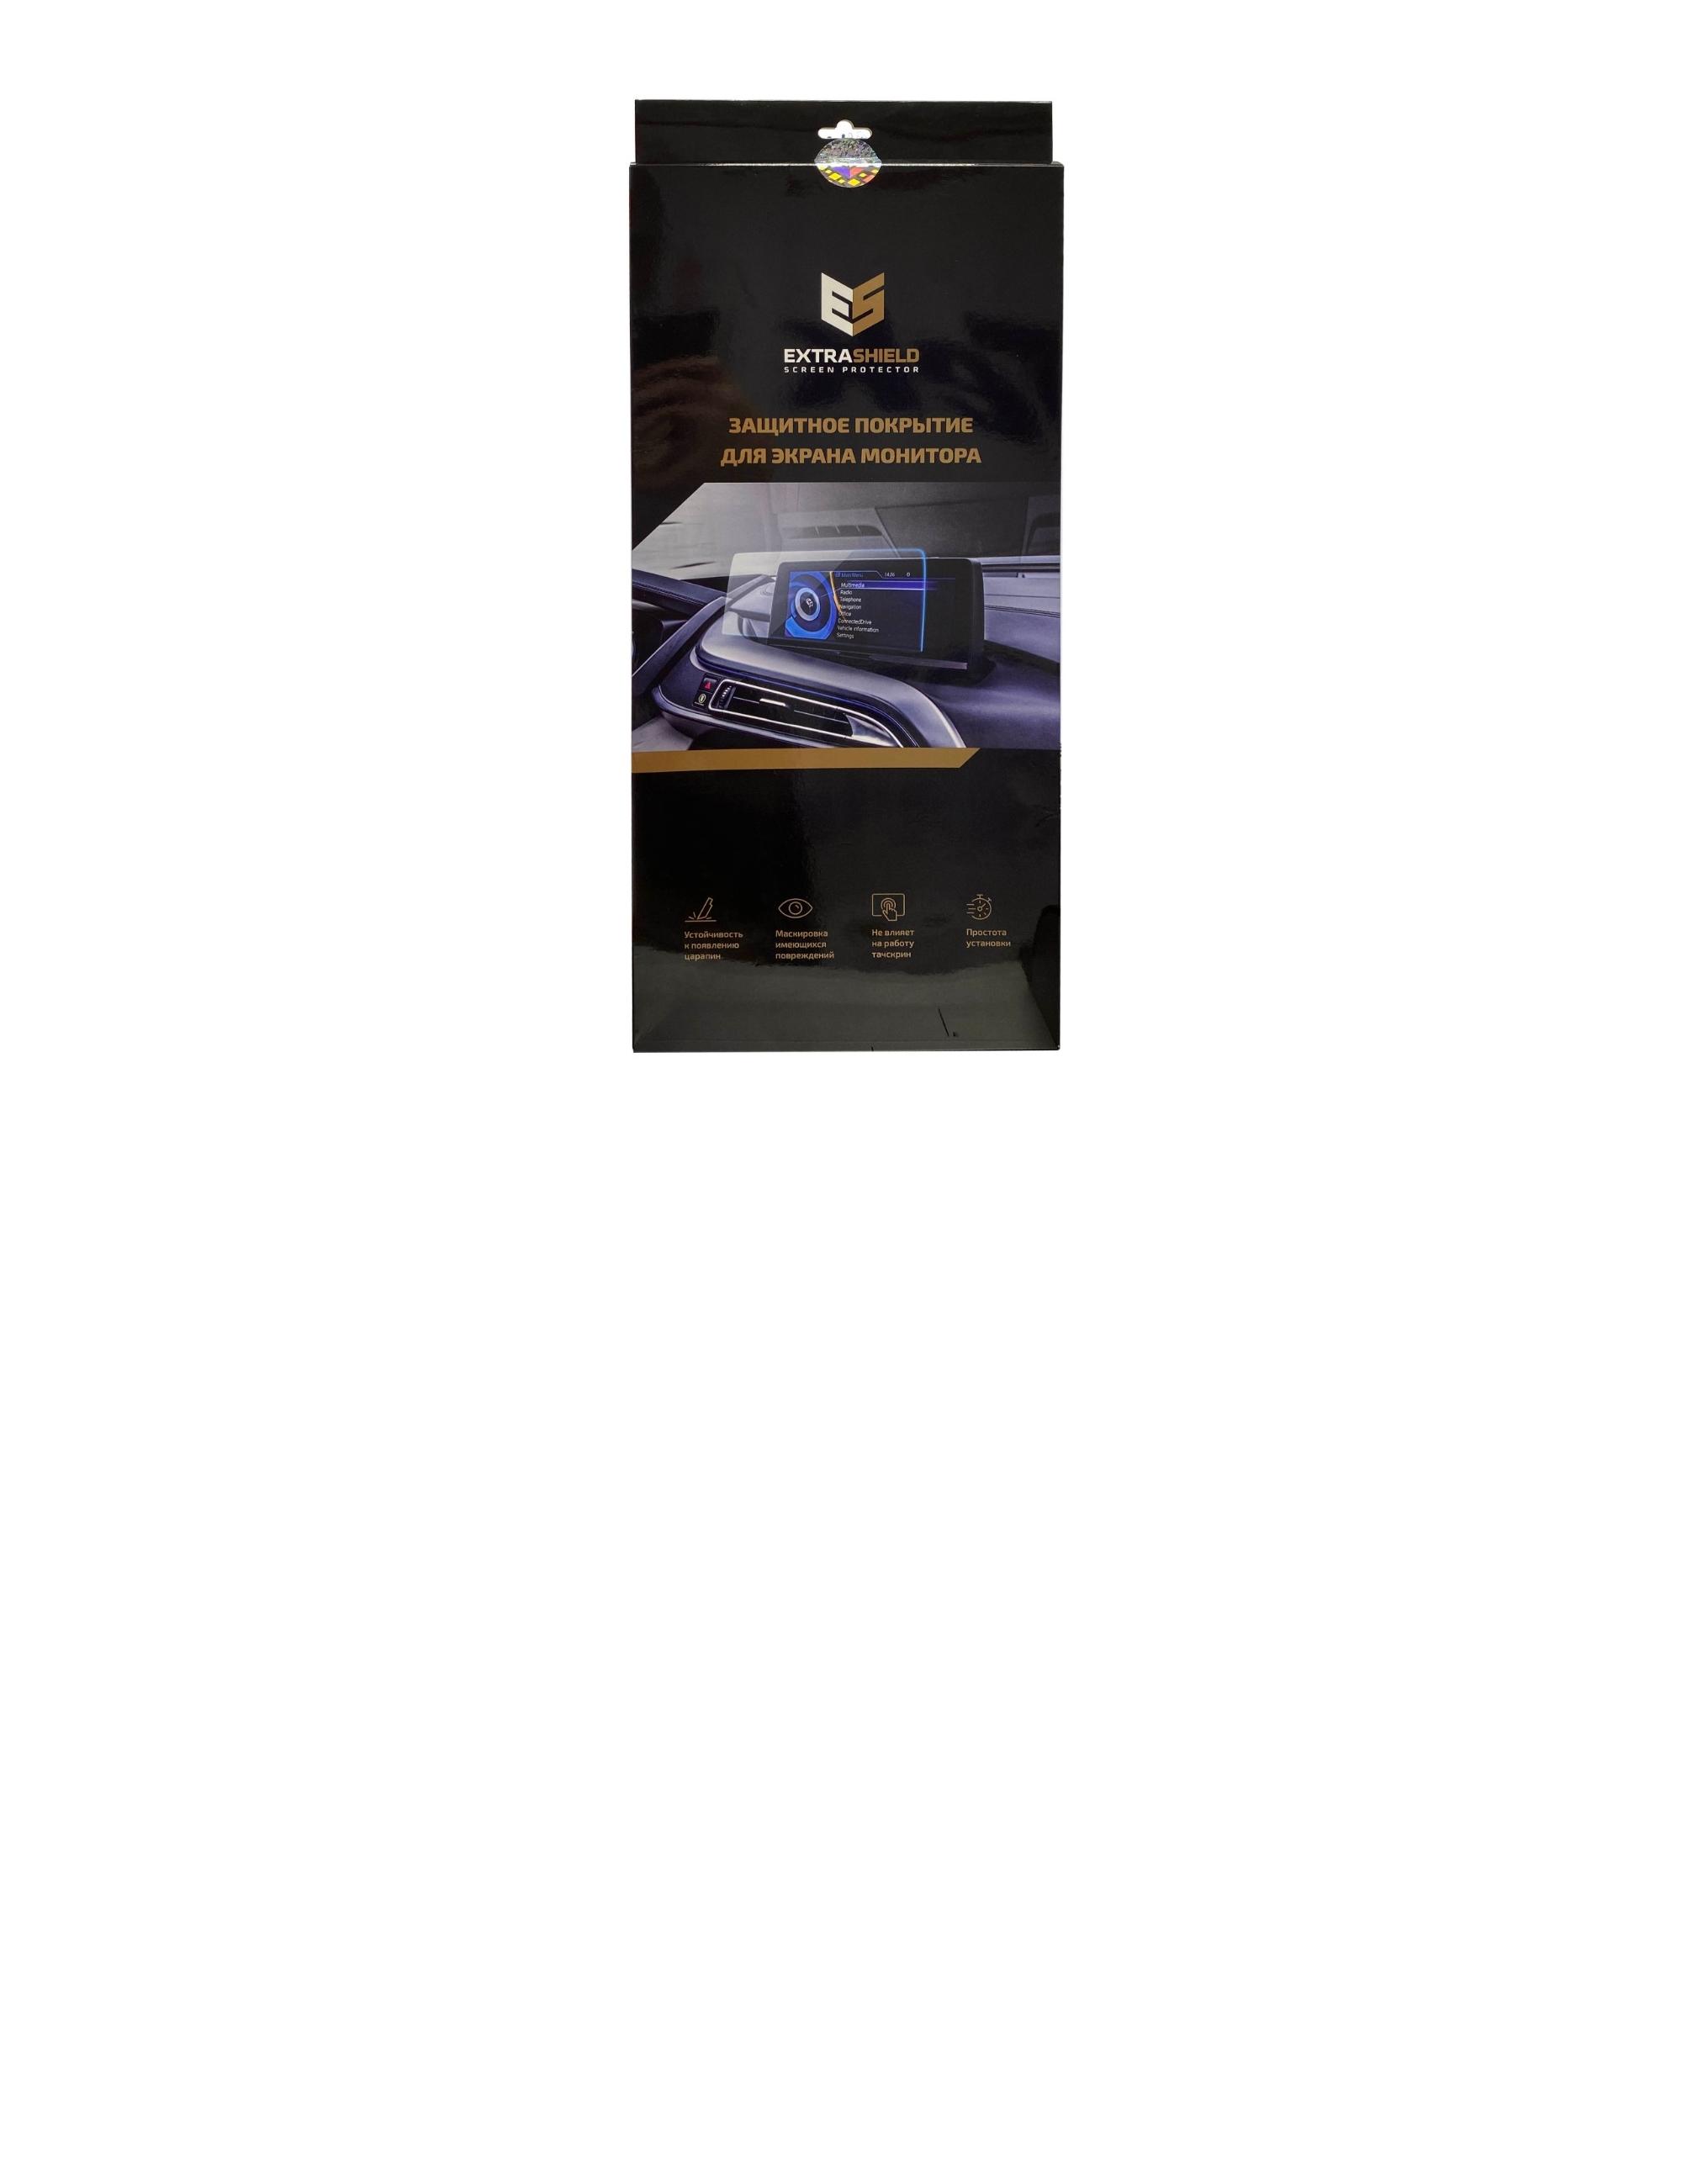 Mercedes-Benz G-class II (W463) 2015 - 2018 мультимедиа 7 Защитное стекло Глянец